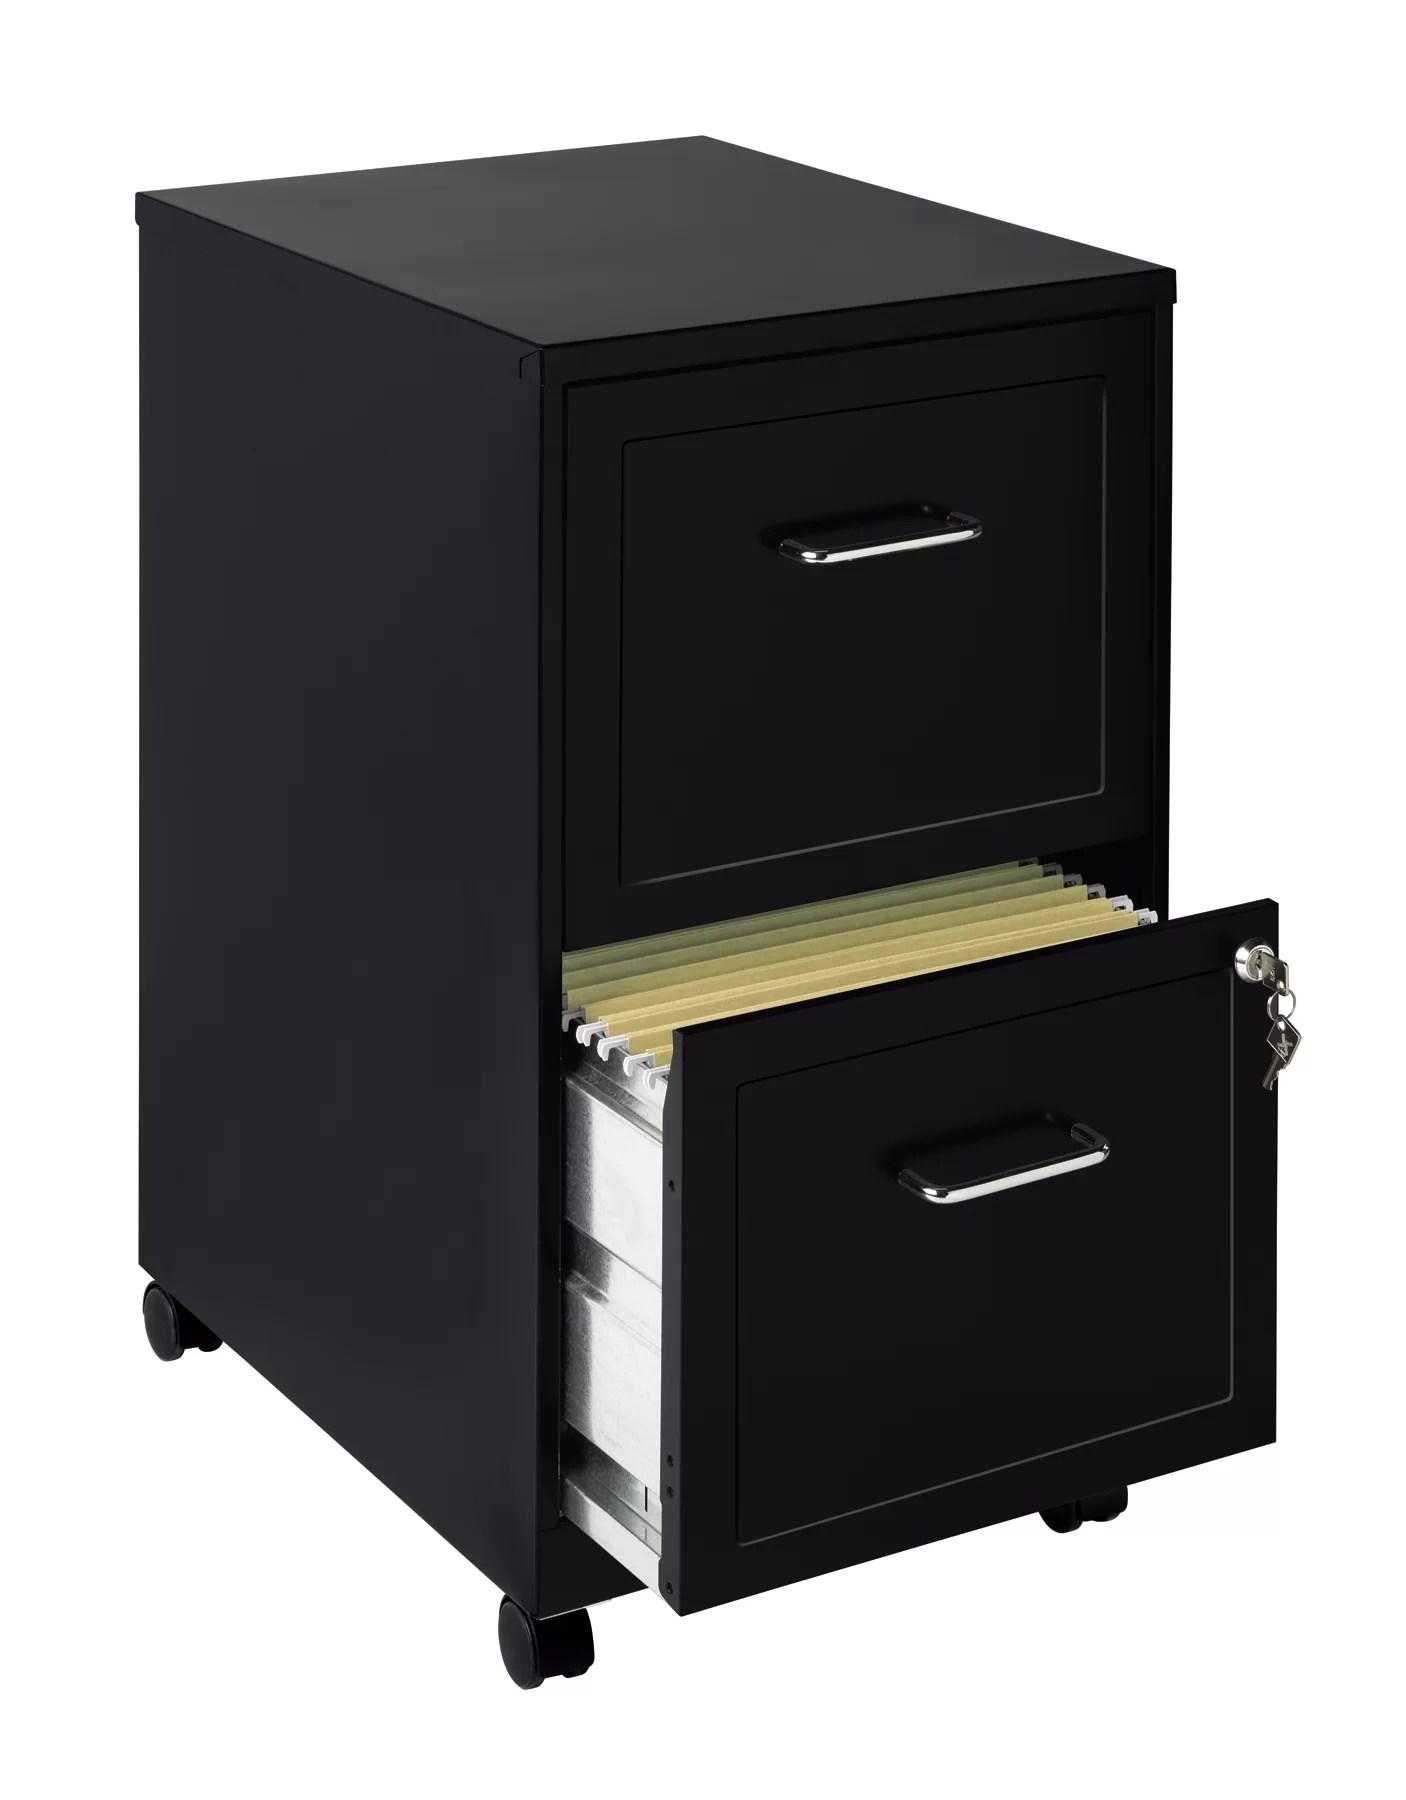 CommClad 2 Drawer Mobile Filing Cabinet Black